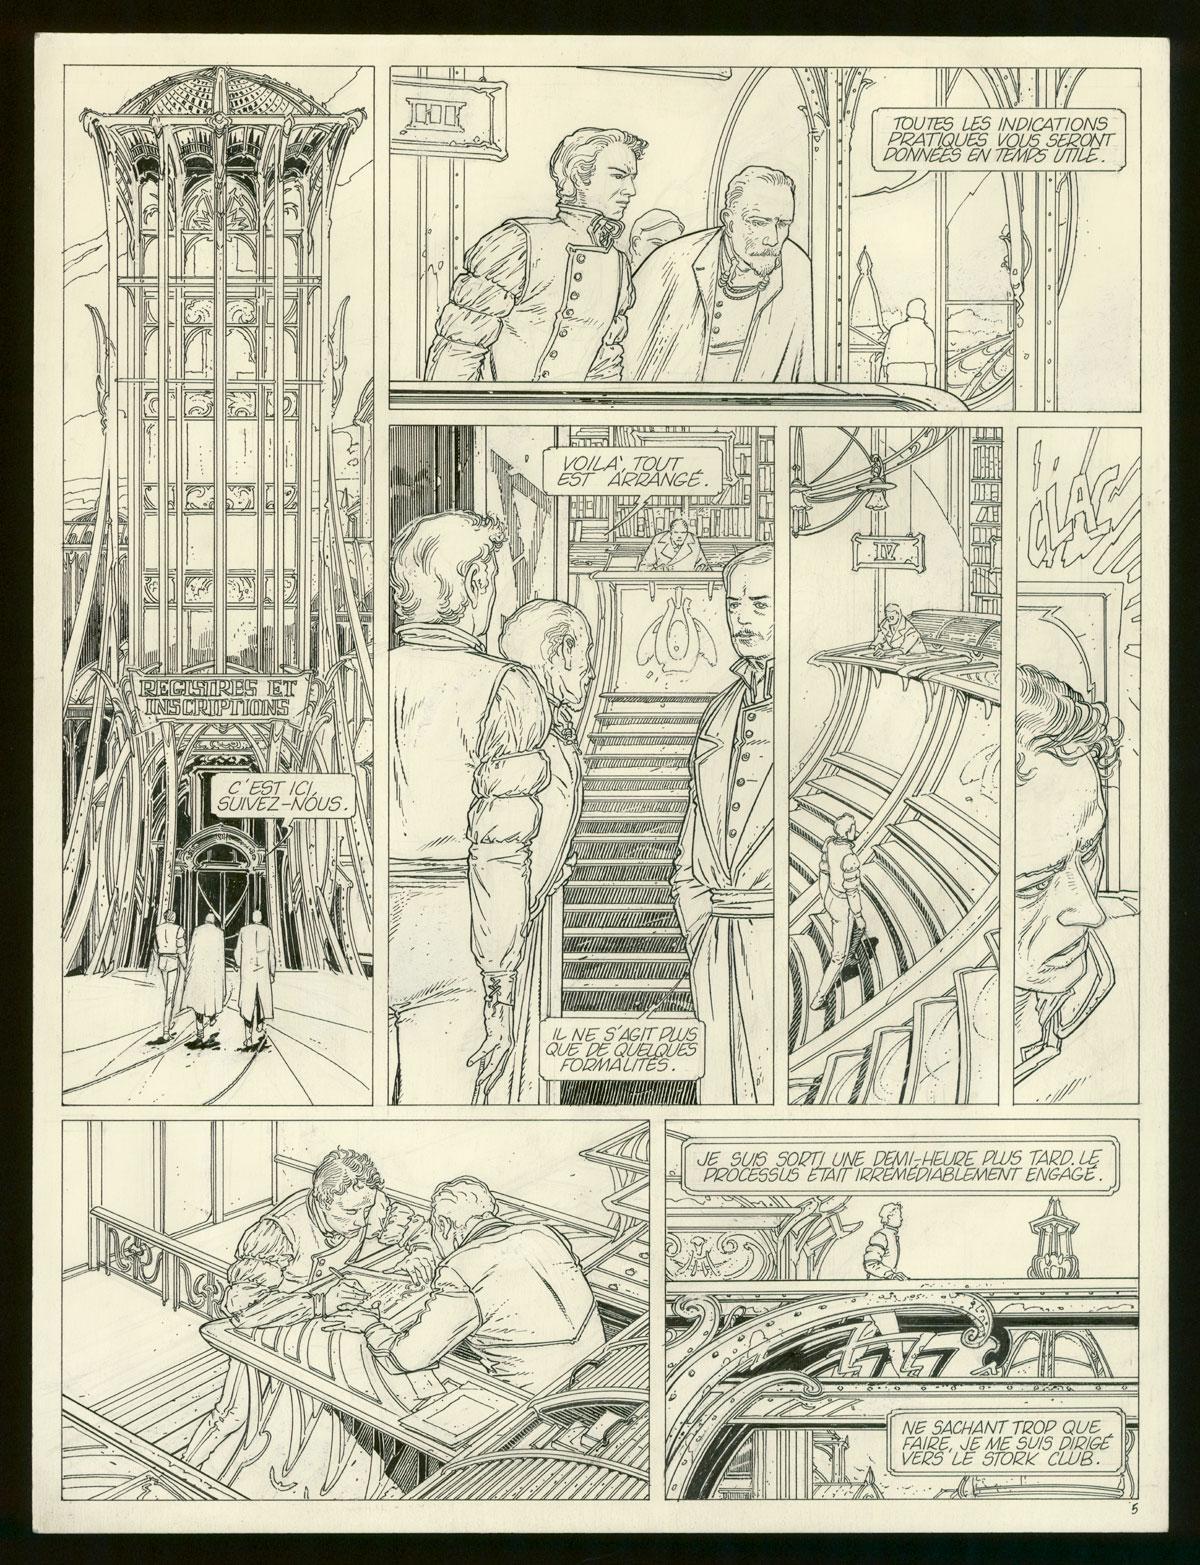 Peeters Benoît (scénario), Schuiten François (dessins), Les Murailles de Samaris, Casterman, 1983.